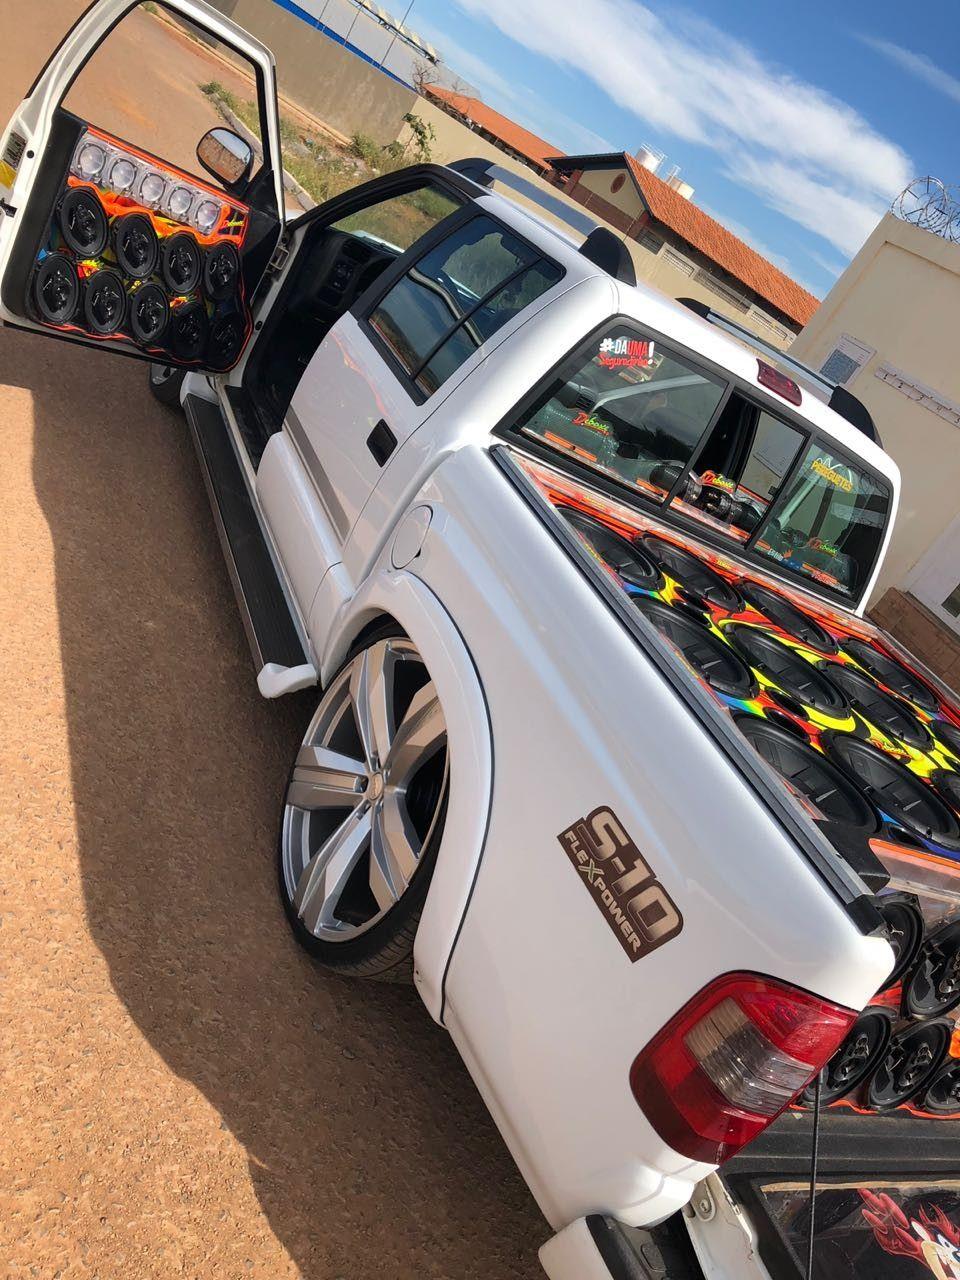 S10 Rebaixada Com Rodas Replicas Do Camaro Zl1 Aro 24 Fotos De